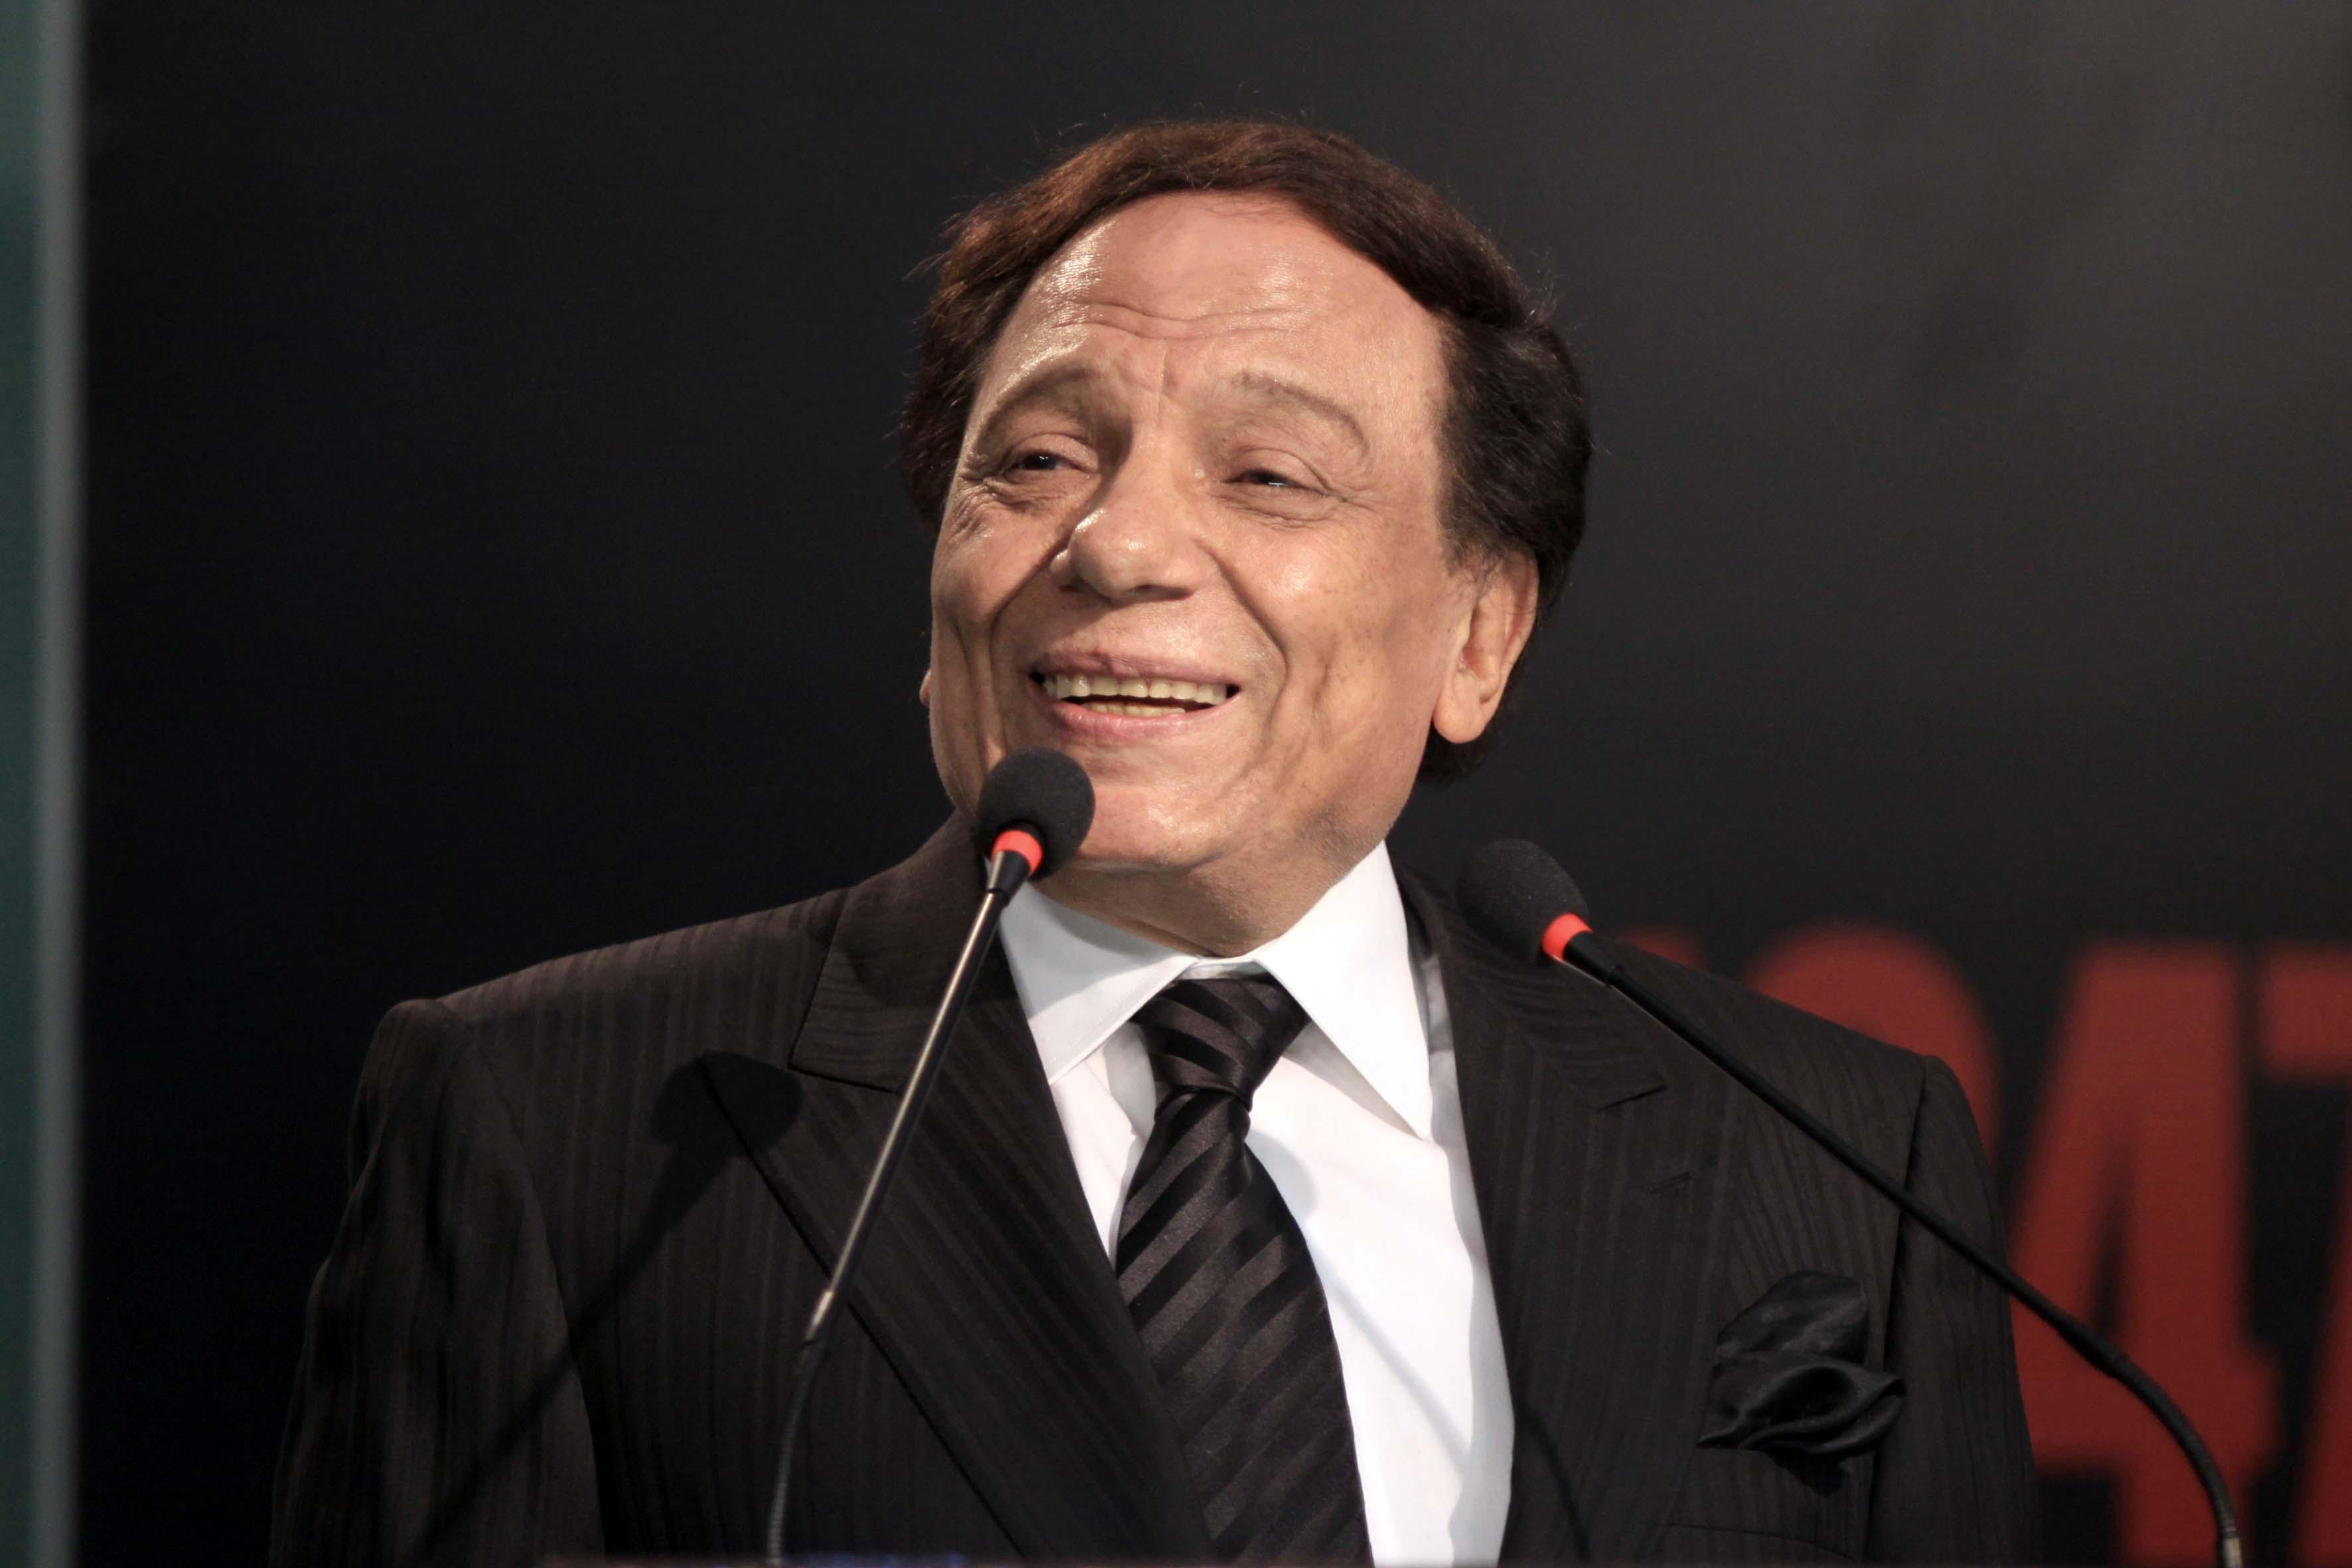 يعدّ الزعيم من أغنى نجوم الوطن العربي